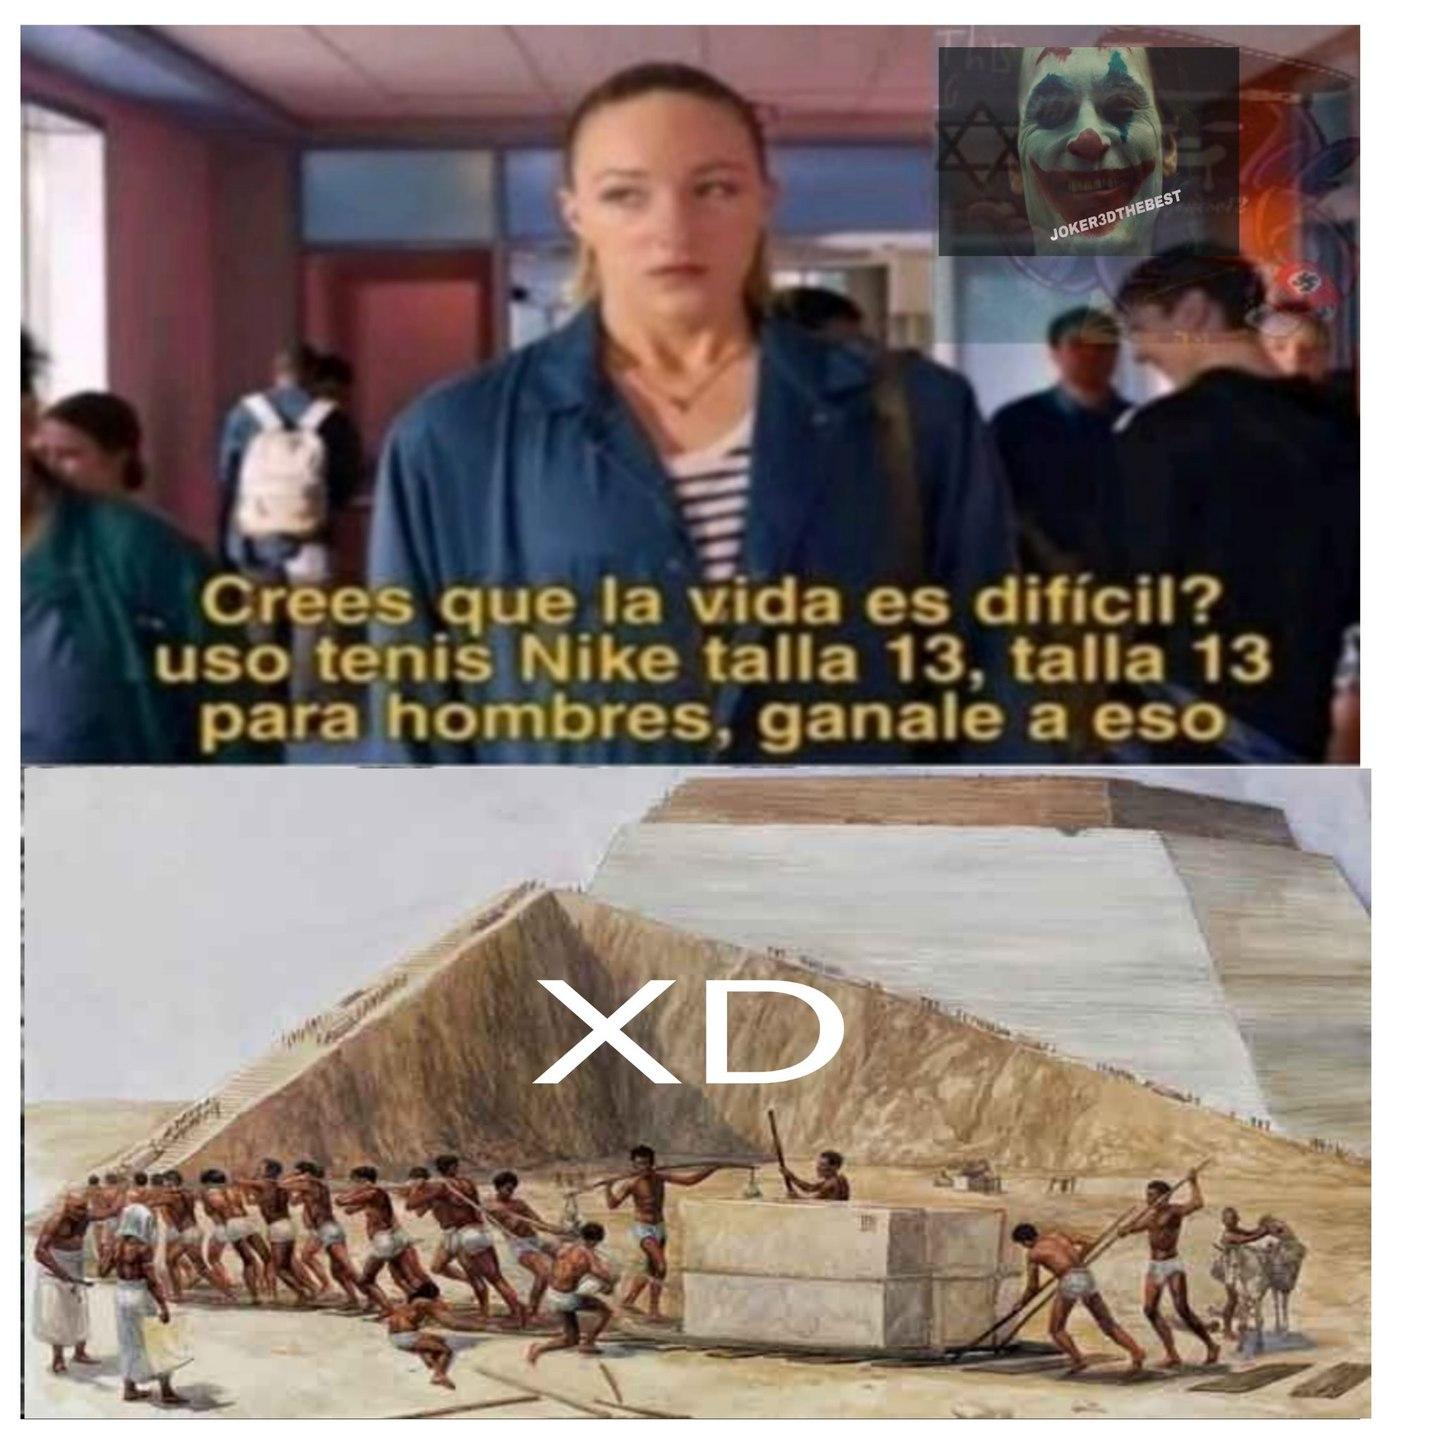 Quedaron genial las pirámides - meme